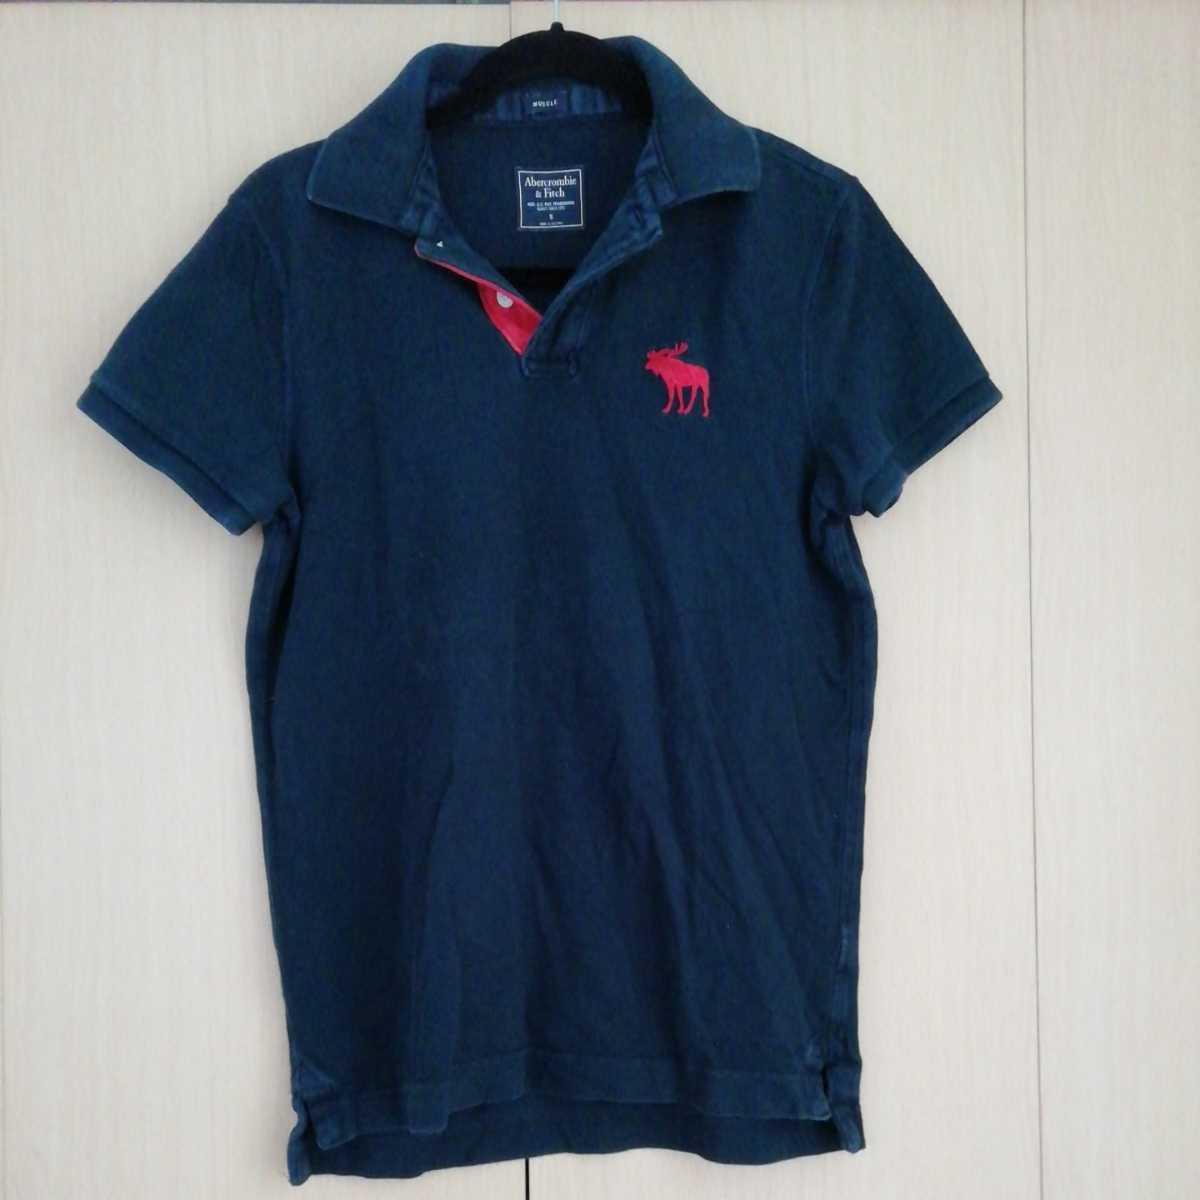 アバクロンビー&フィッチ 半袖ポロシャツ S ネイビー